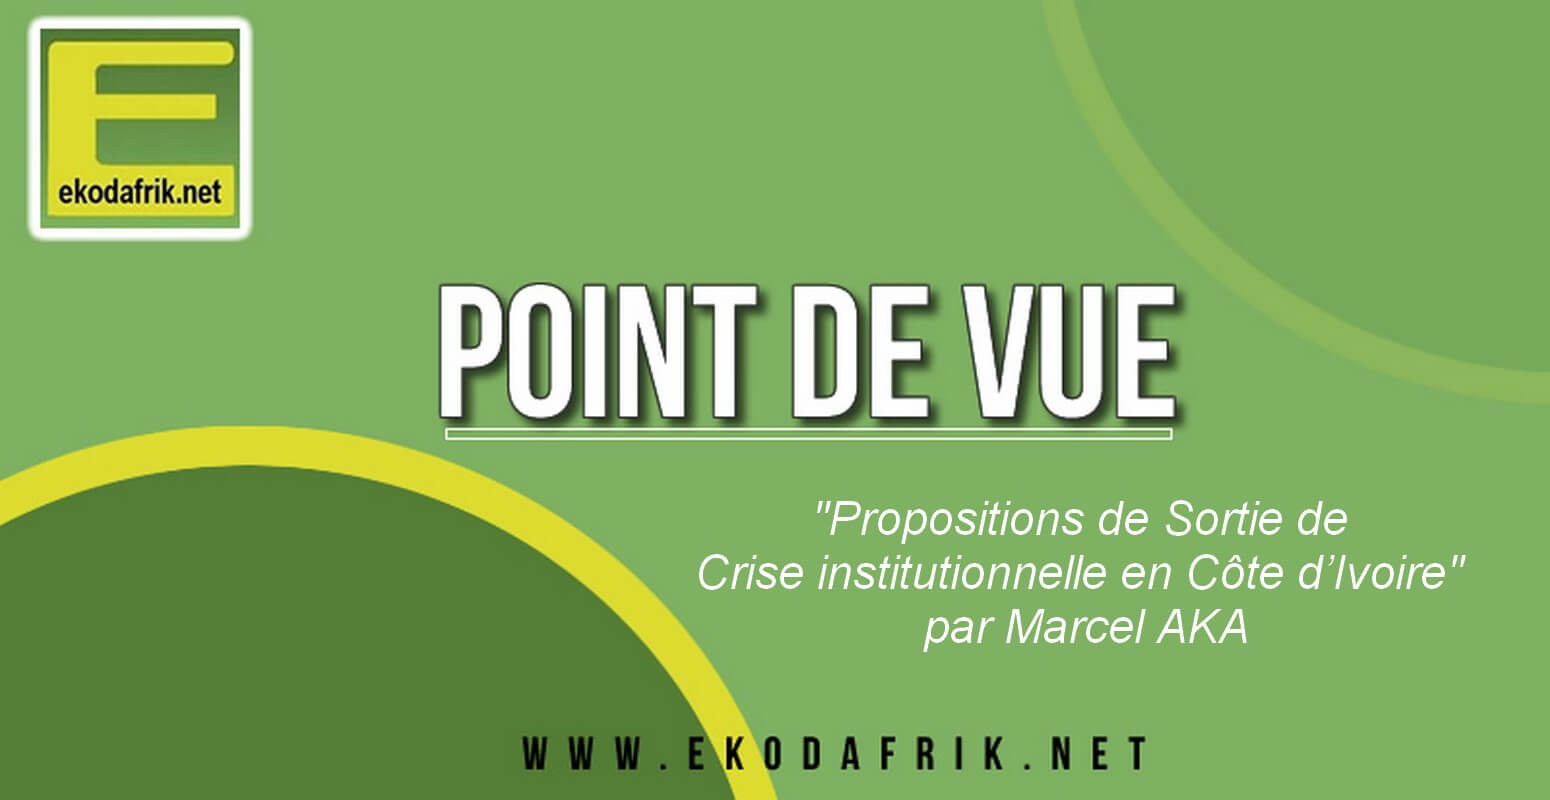 [POINT DE VUE] «Propositions de Sortie de Crise institutionnelle en Côte d'Ivoire» par Marcel AKA